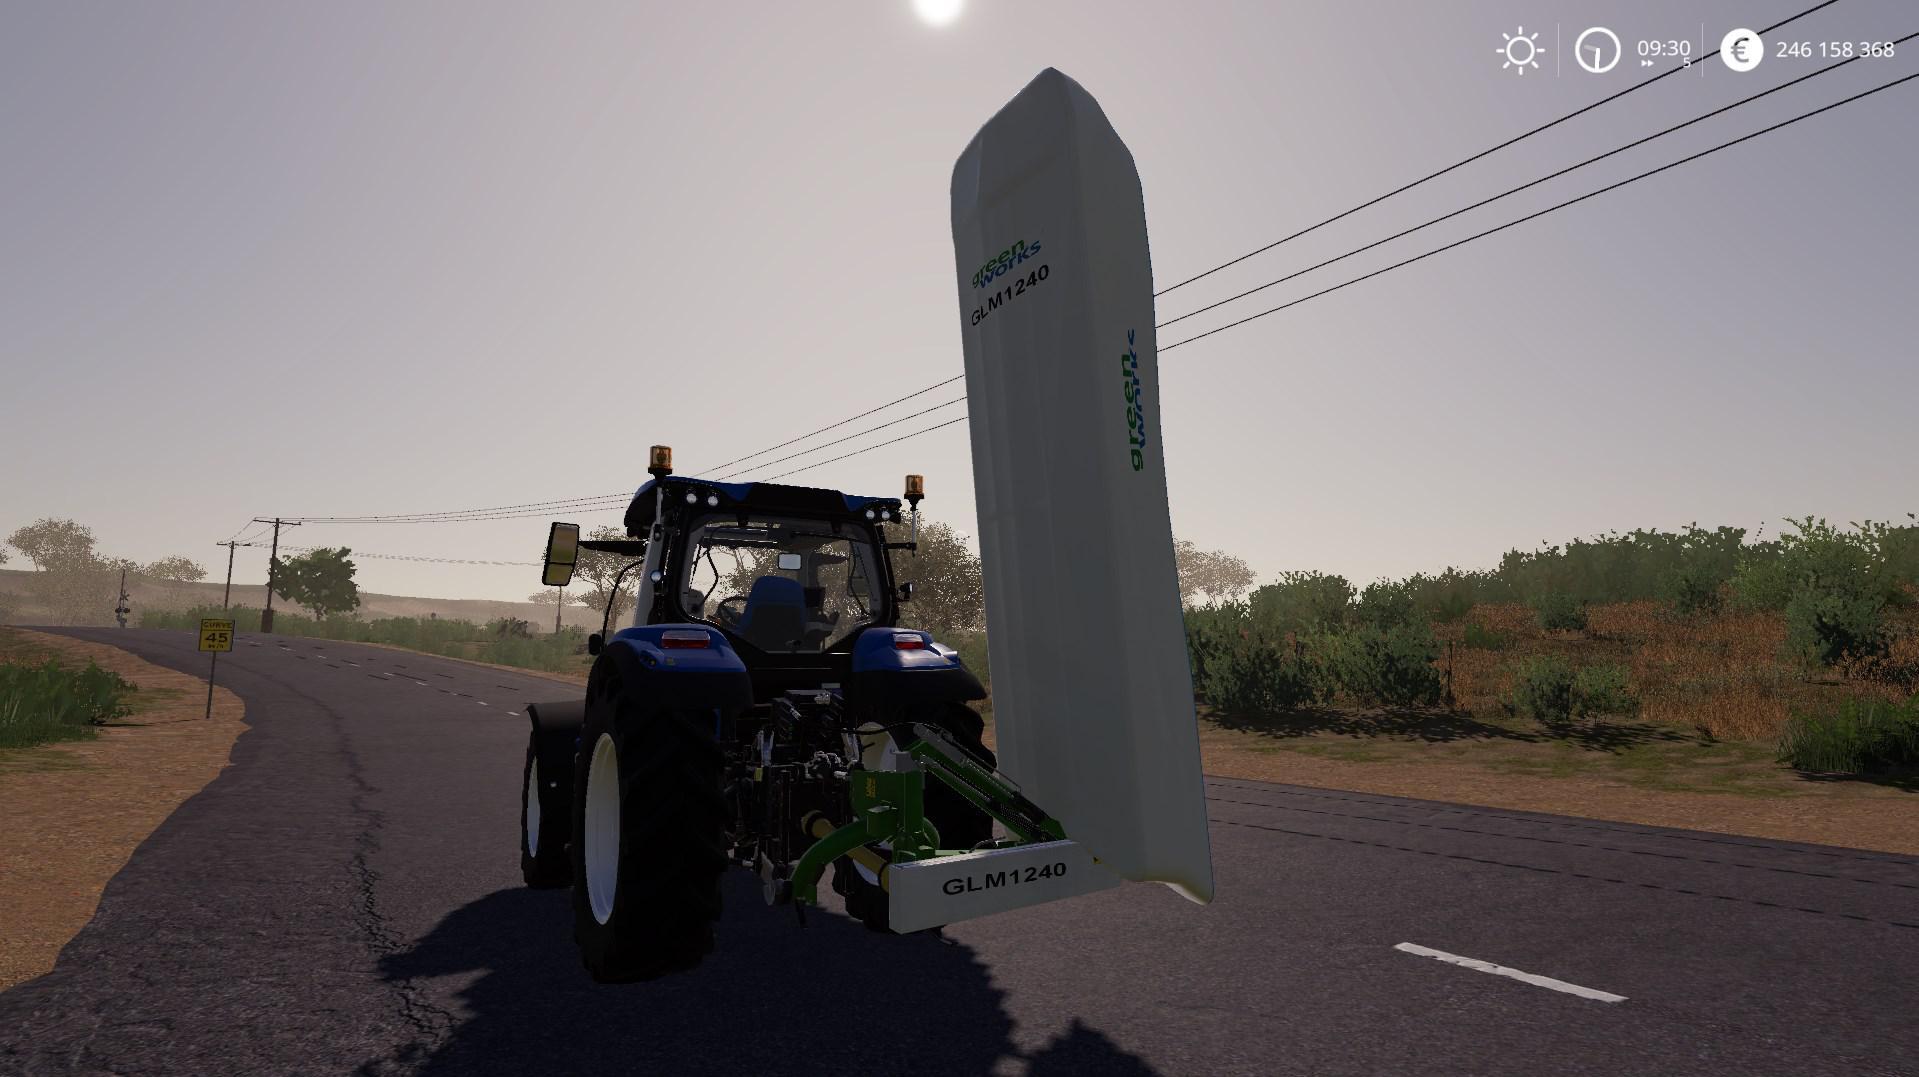 Greenworks GLM1240 v 1.0